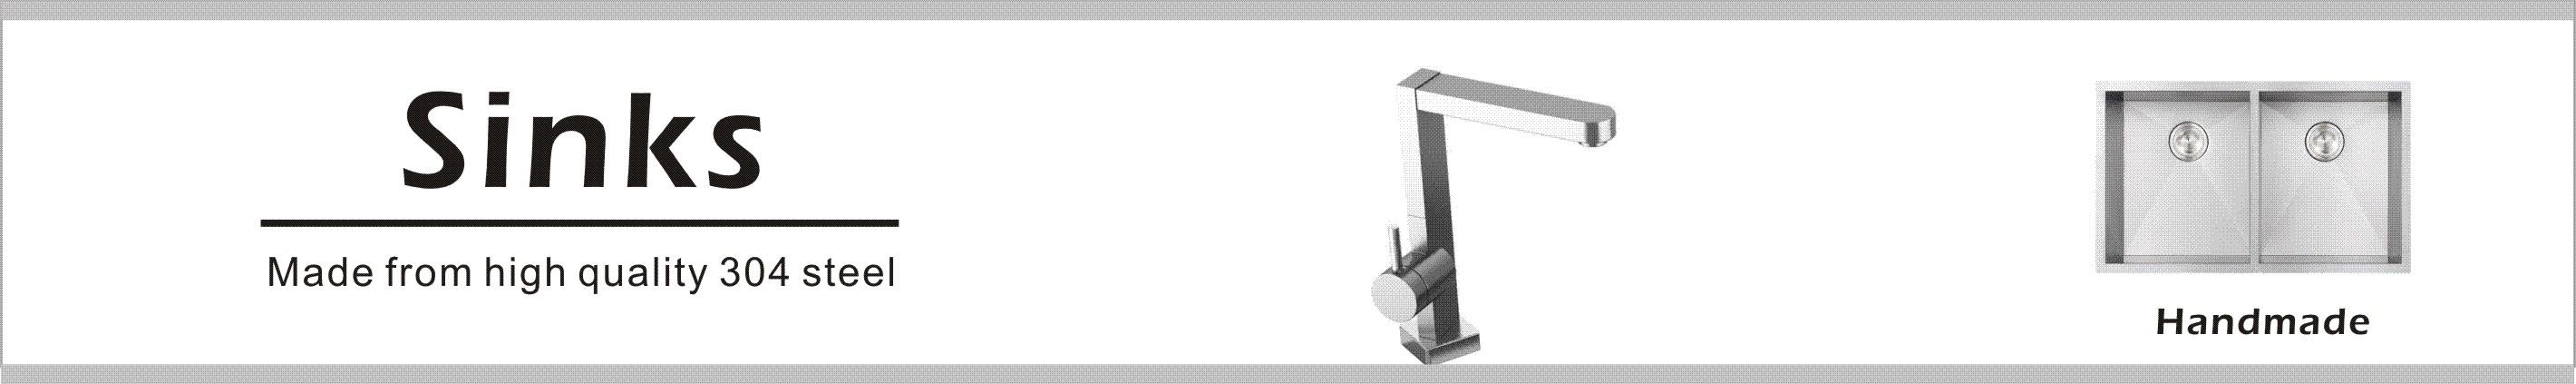 sink-play3.jpg